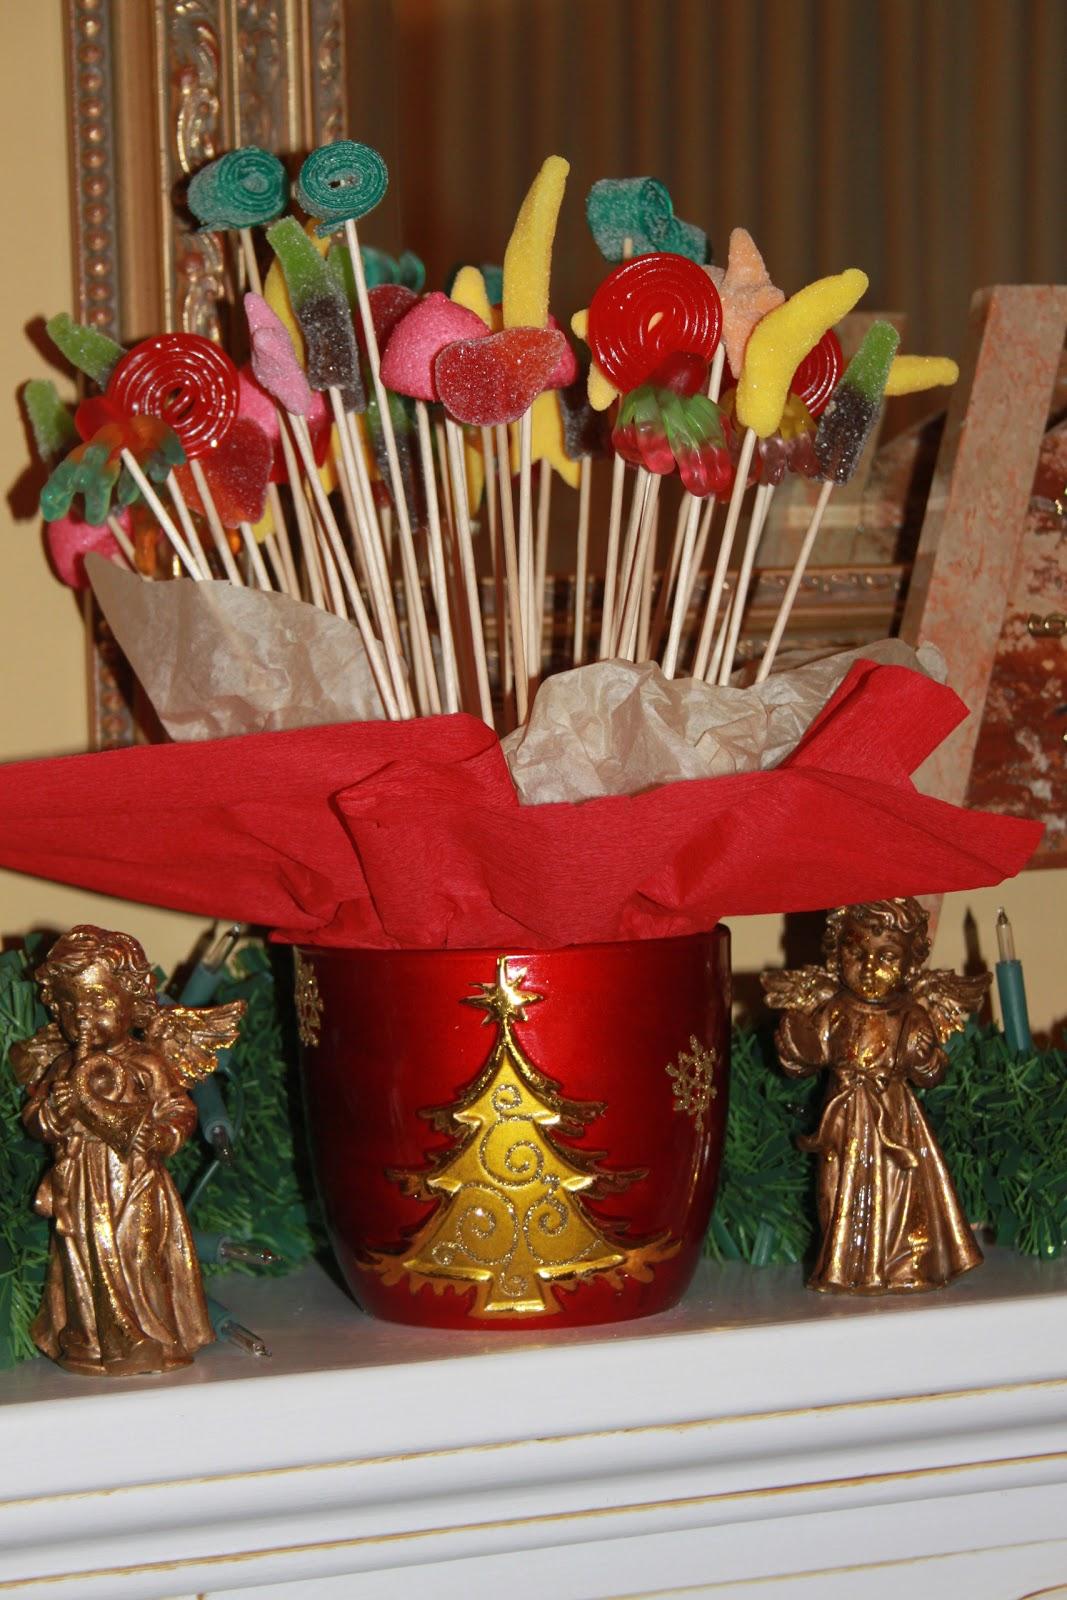 Tartas de chucherias y pa ales originales para los peques de la casa centros navide os - Centros navidenos originales ...